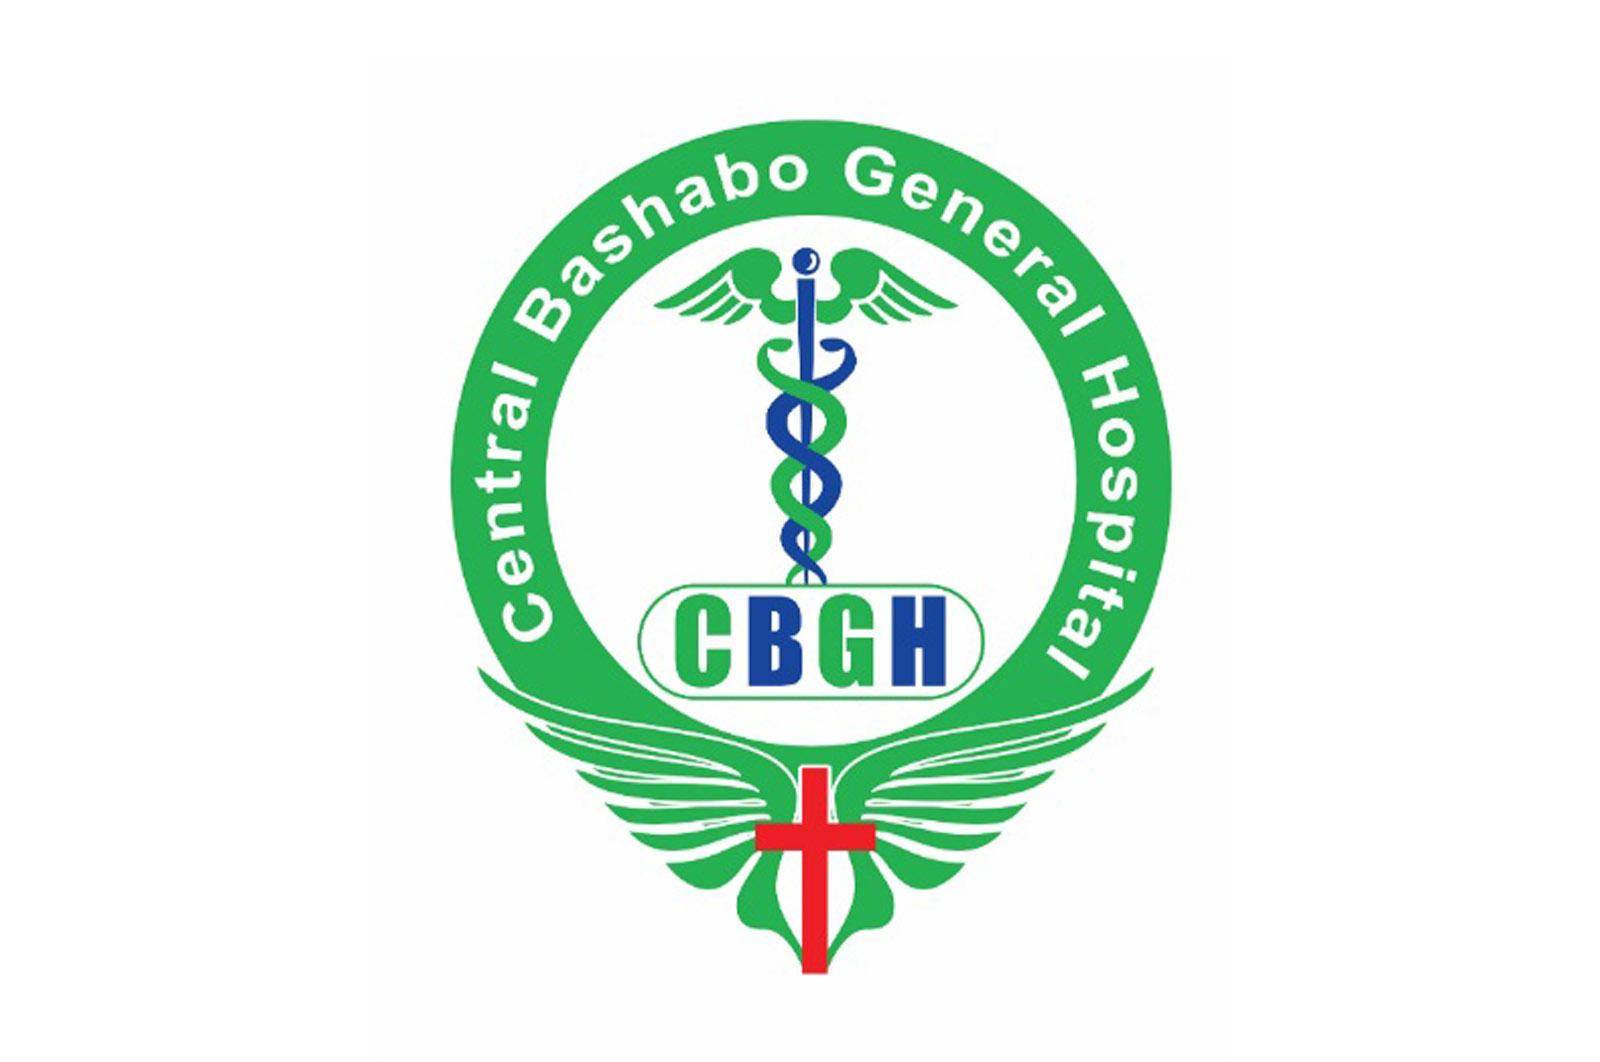 CENTRAL BASHABO GENERAL HOSPITAL & DIAGNOSTIC CENTER